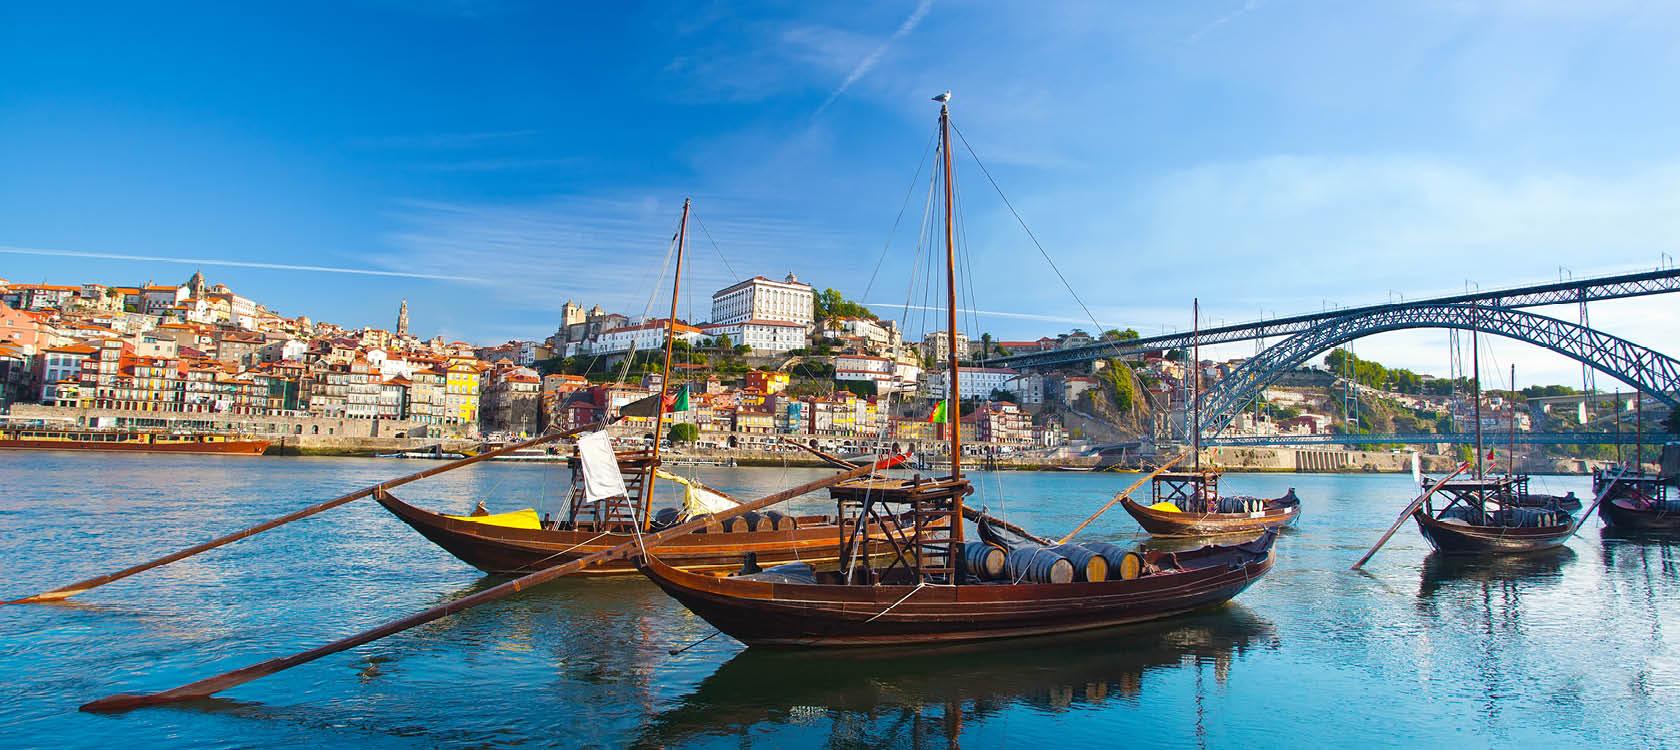 båtar i porto hamn på en solig dag